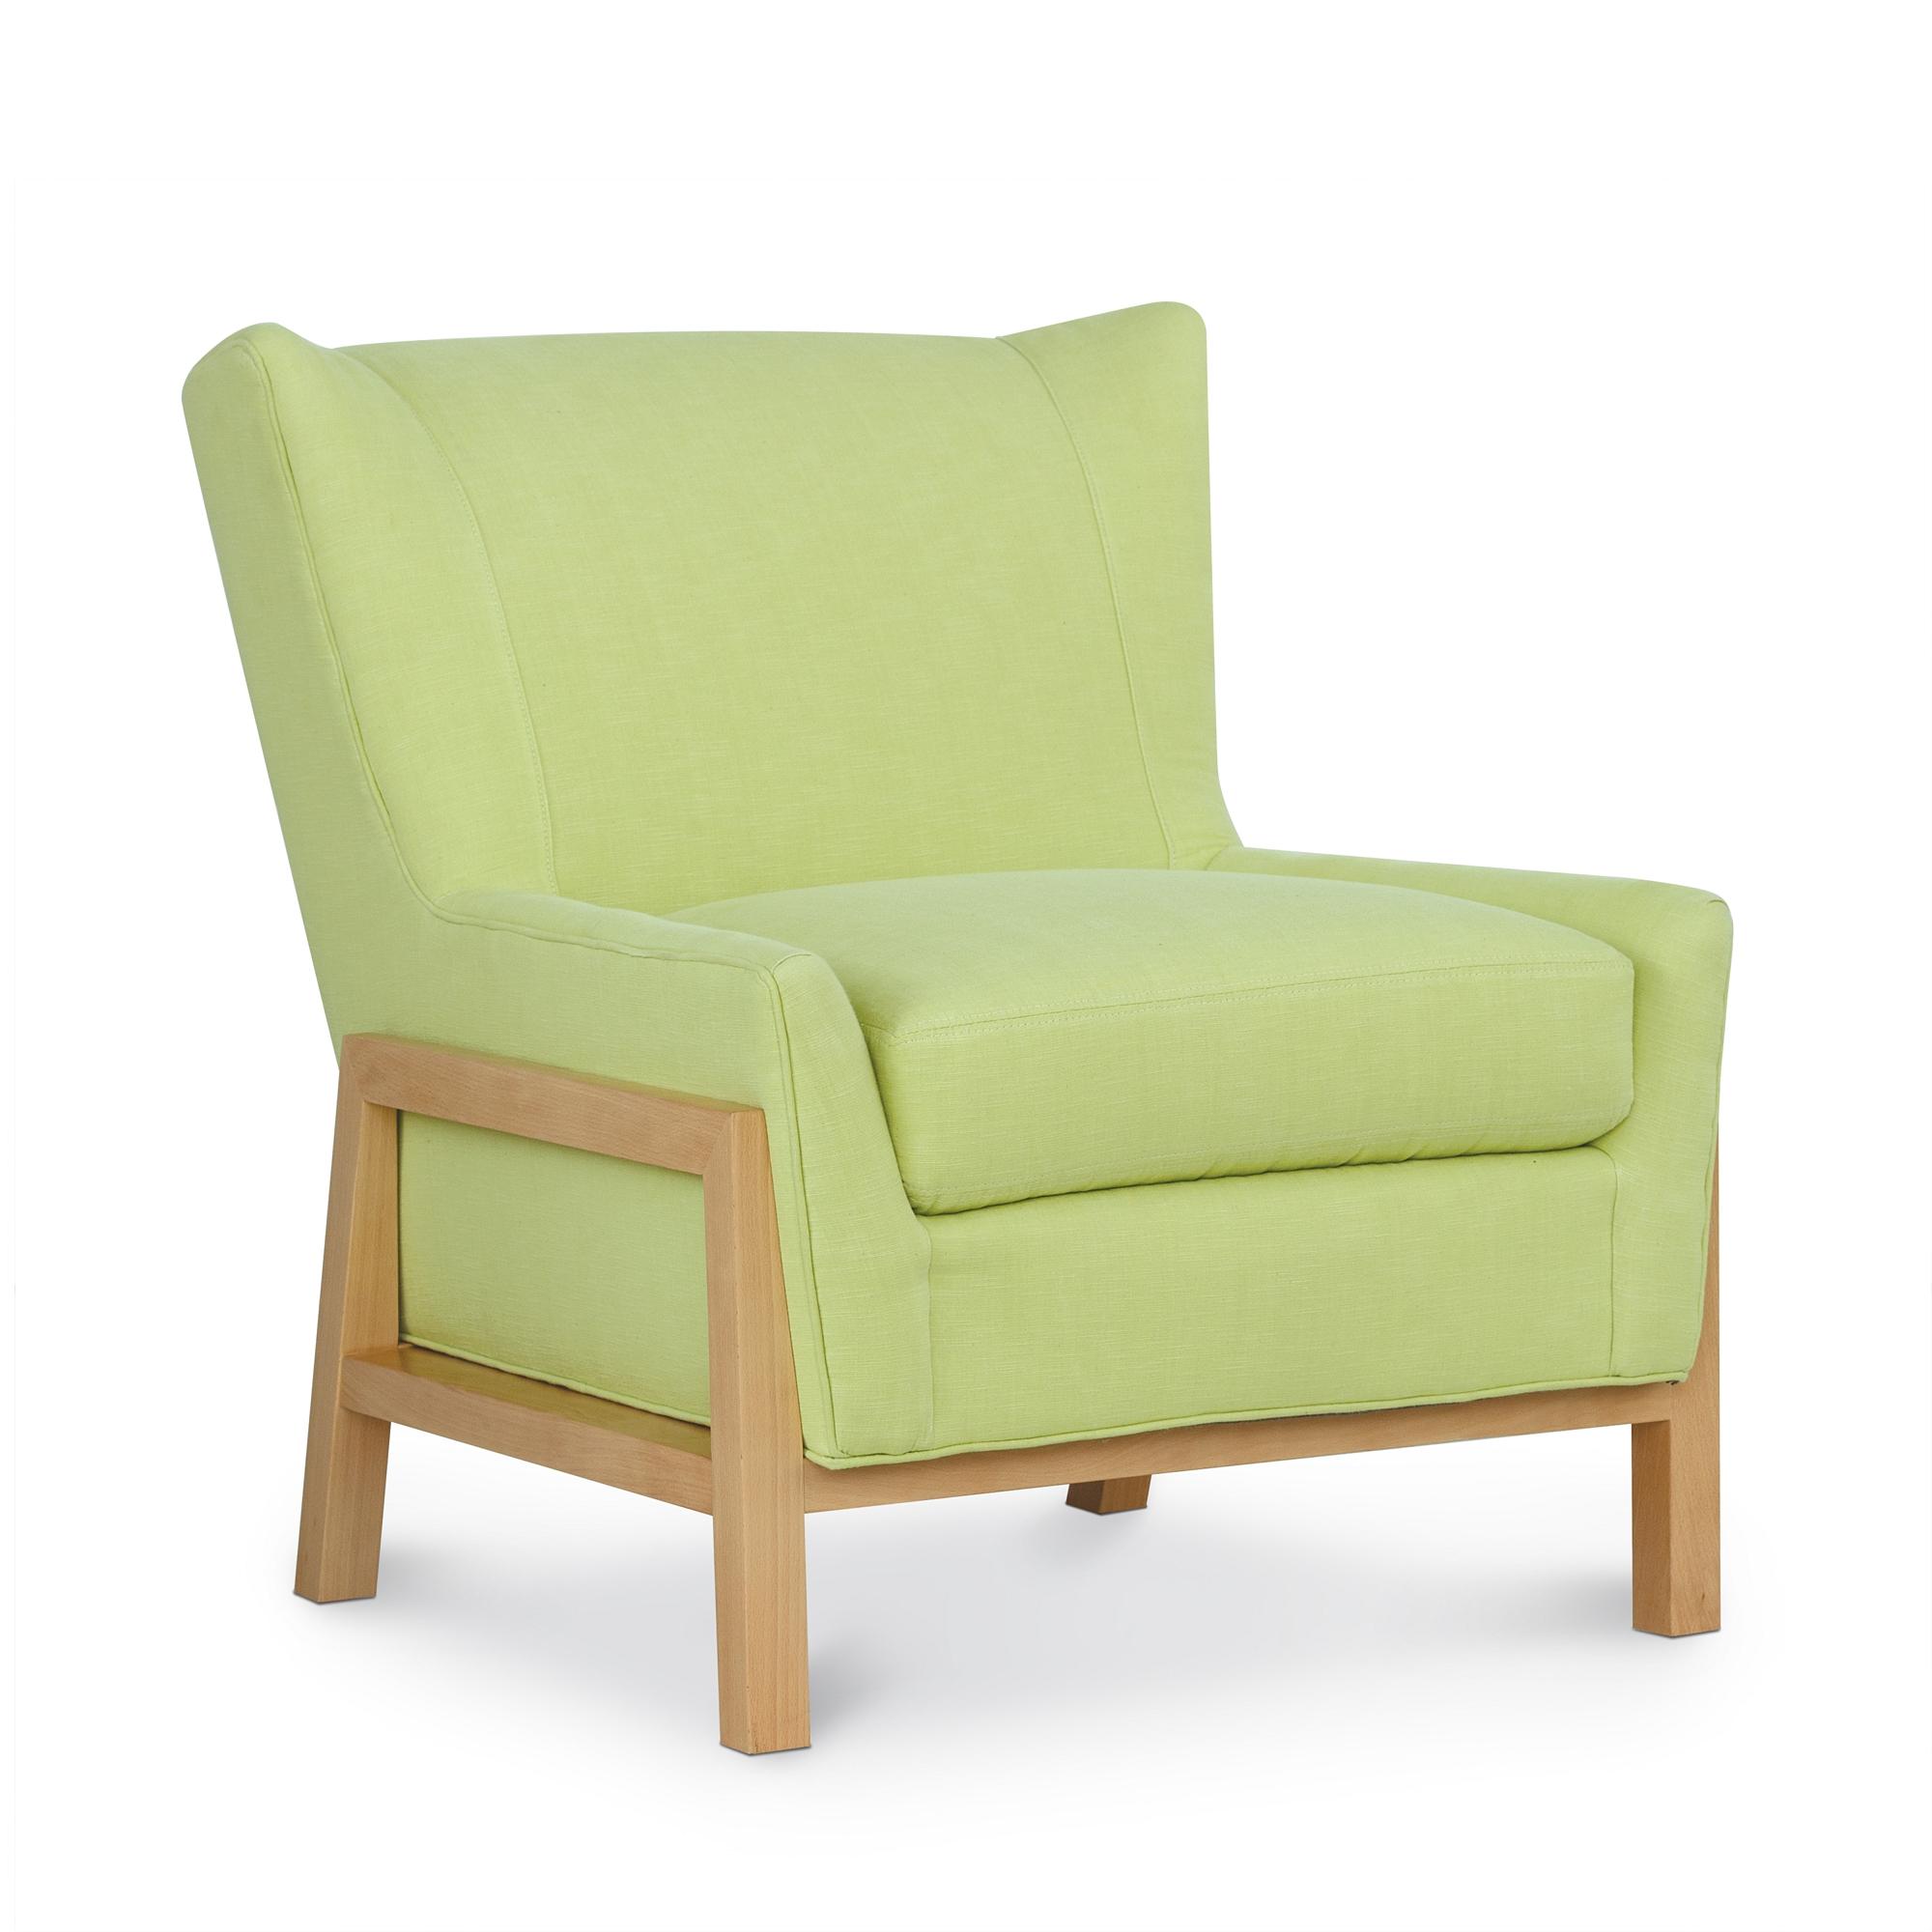 Mimi Chair